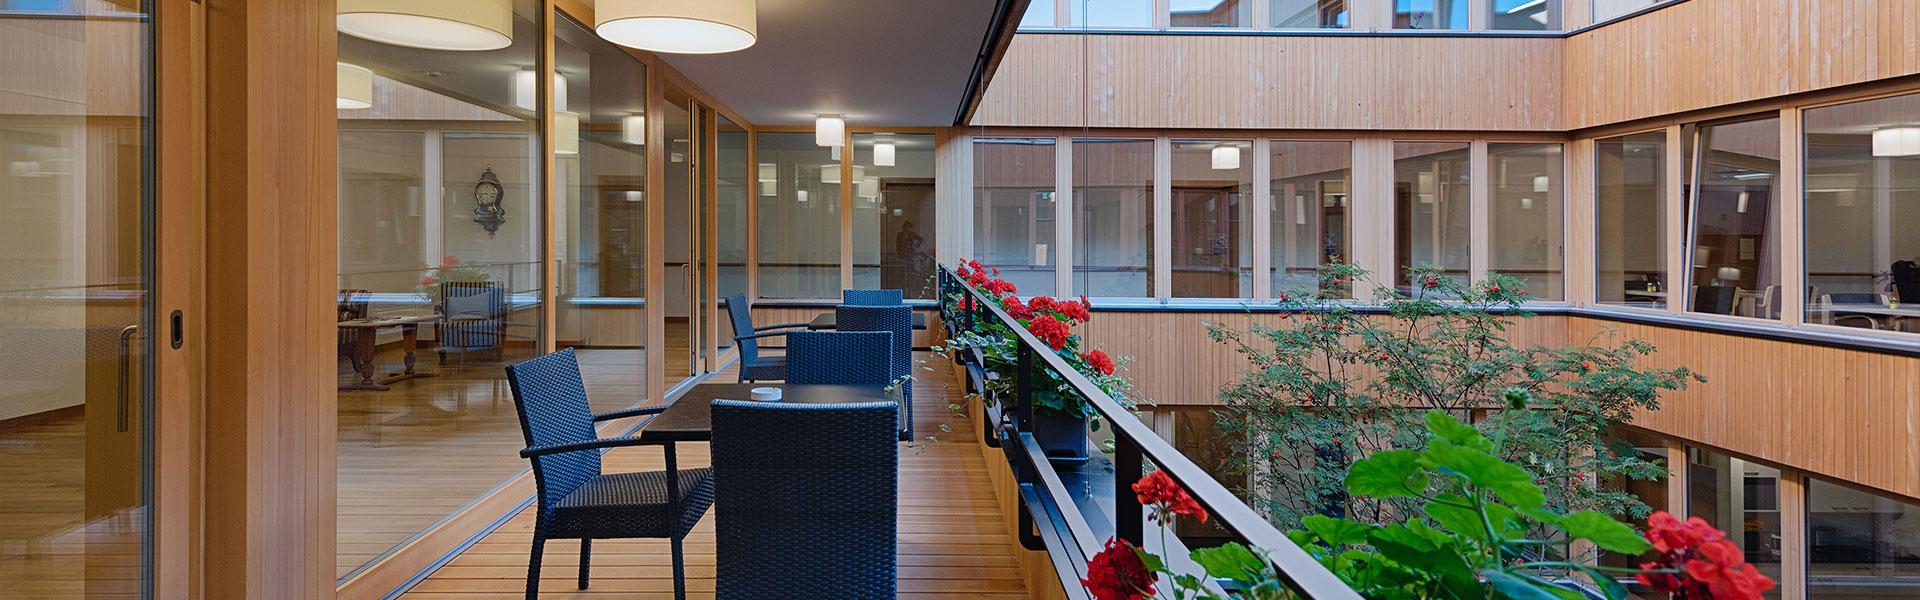 Betreuung & Pflege sumia - Alterszentrum Sumiswald AG